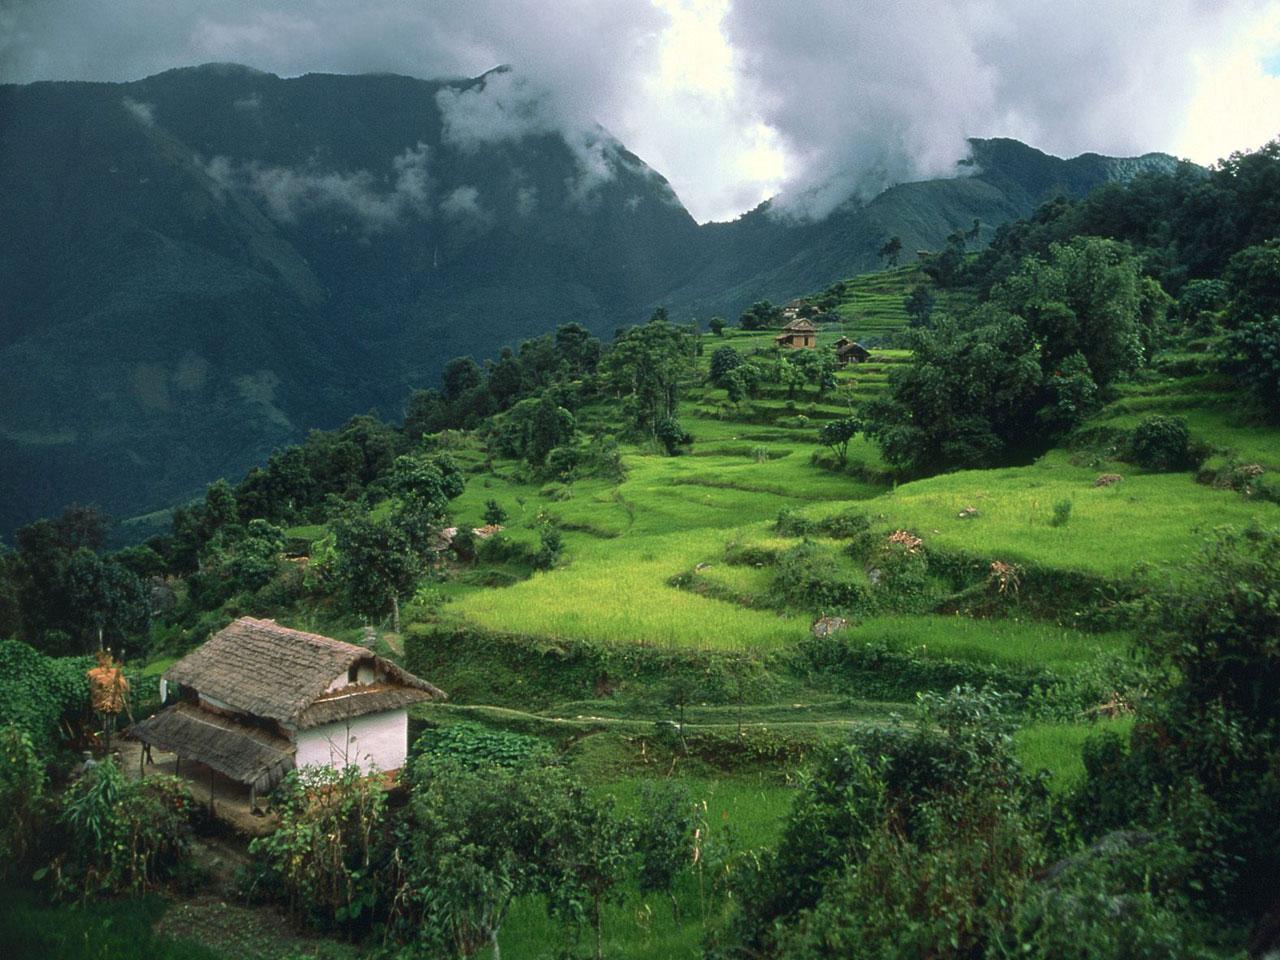 Сказочная жизнь в долине Катманду